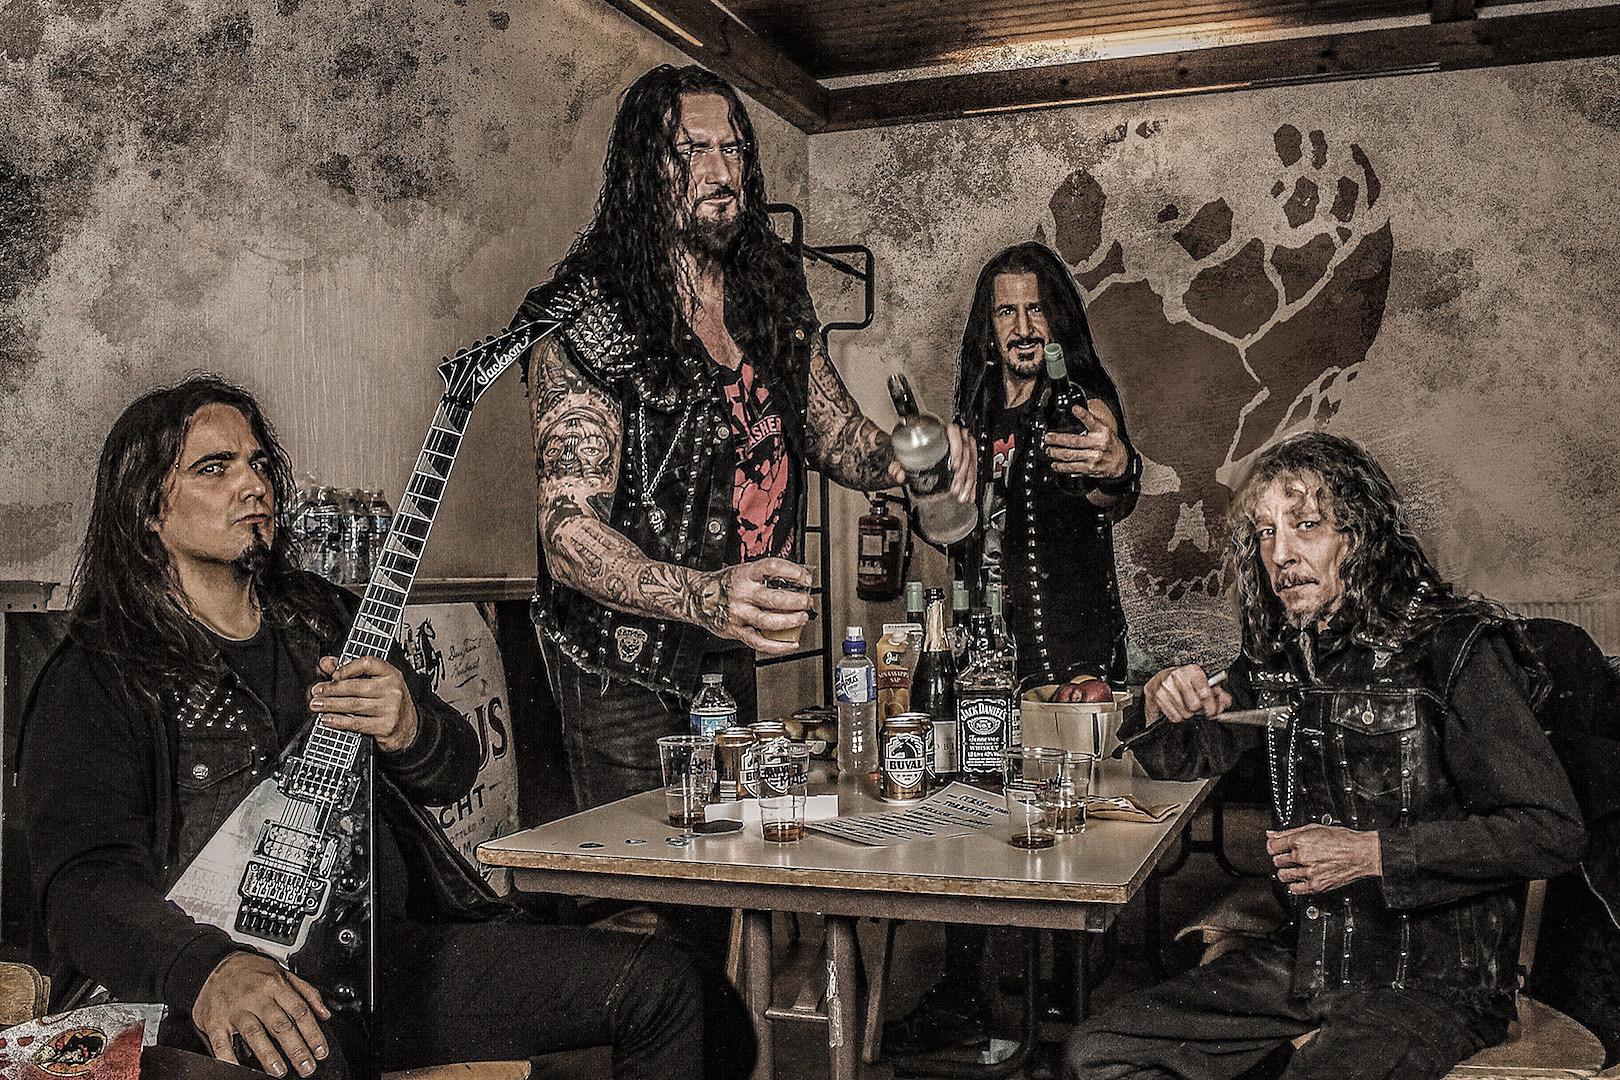 Destruction Debut 'Born to Perish' Song, Reveal Album Details